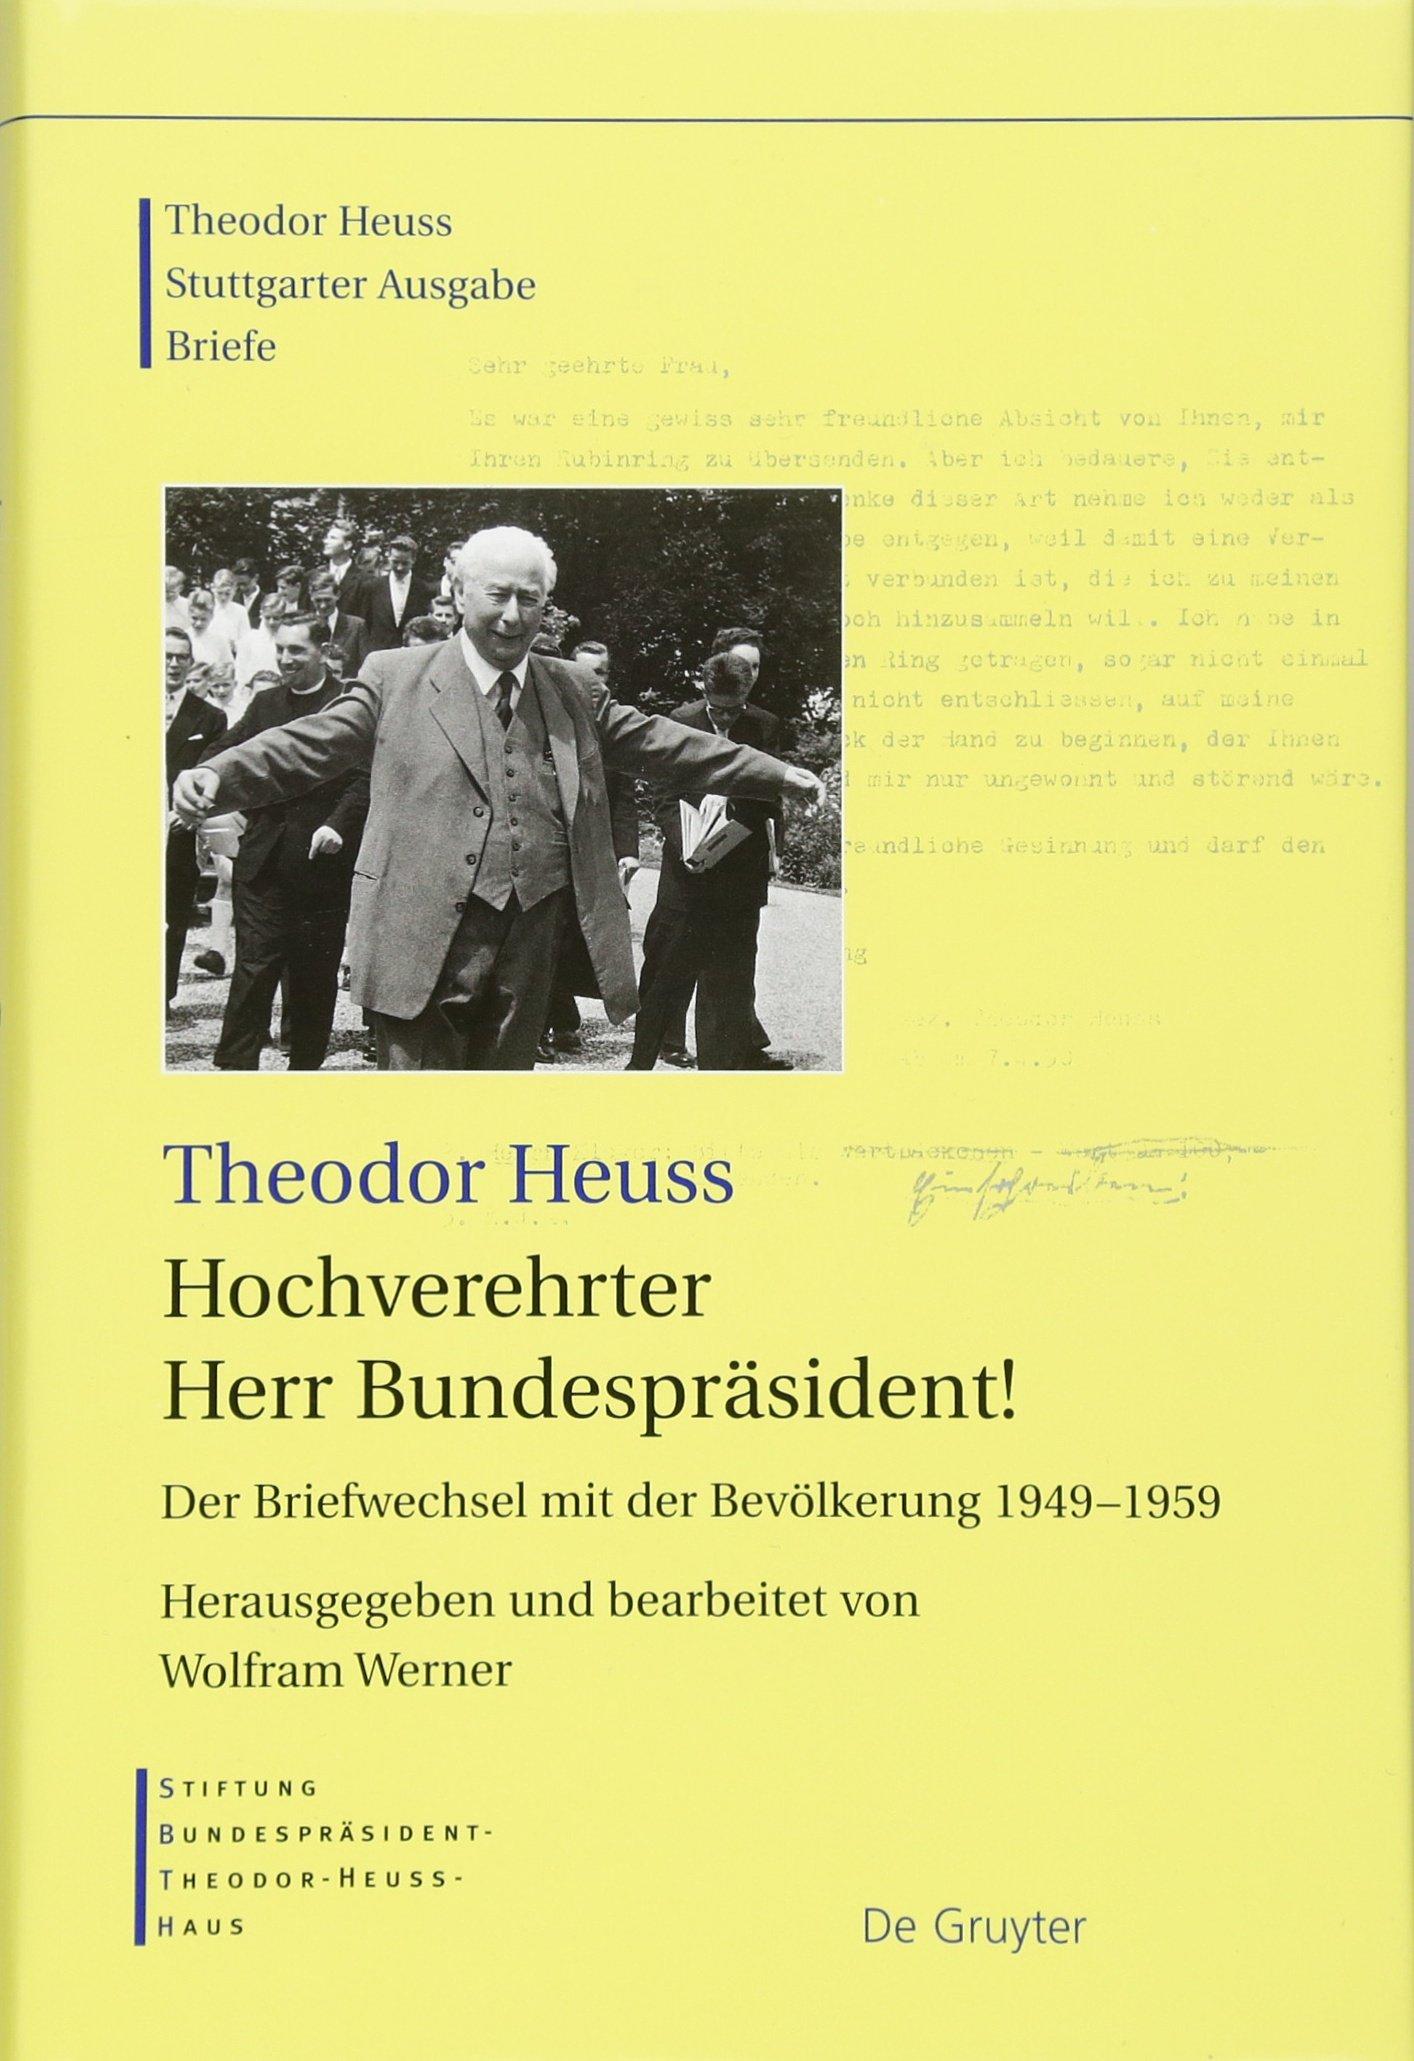 theodor-heuss-briefe-hochverehrter-herr-bundesprsident-der-briefwechsel-mit-der-bevlkerung-1949-1959